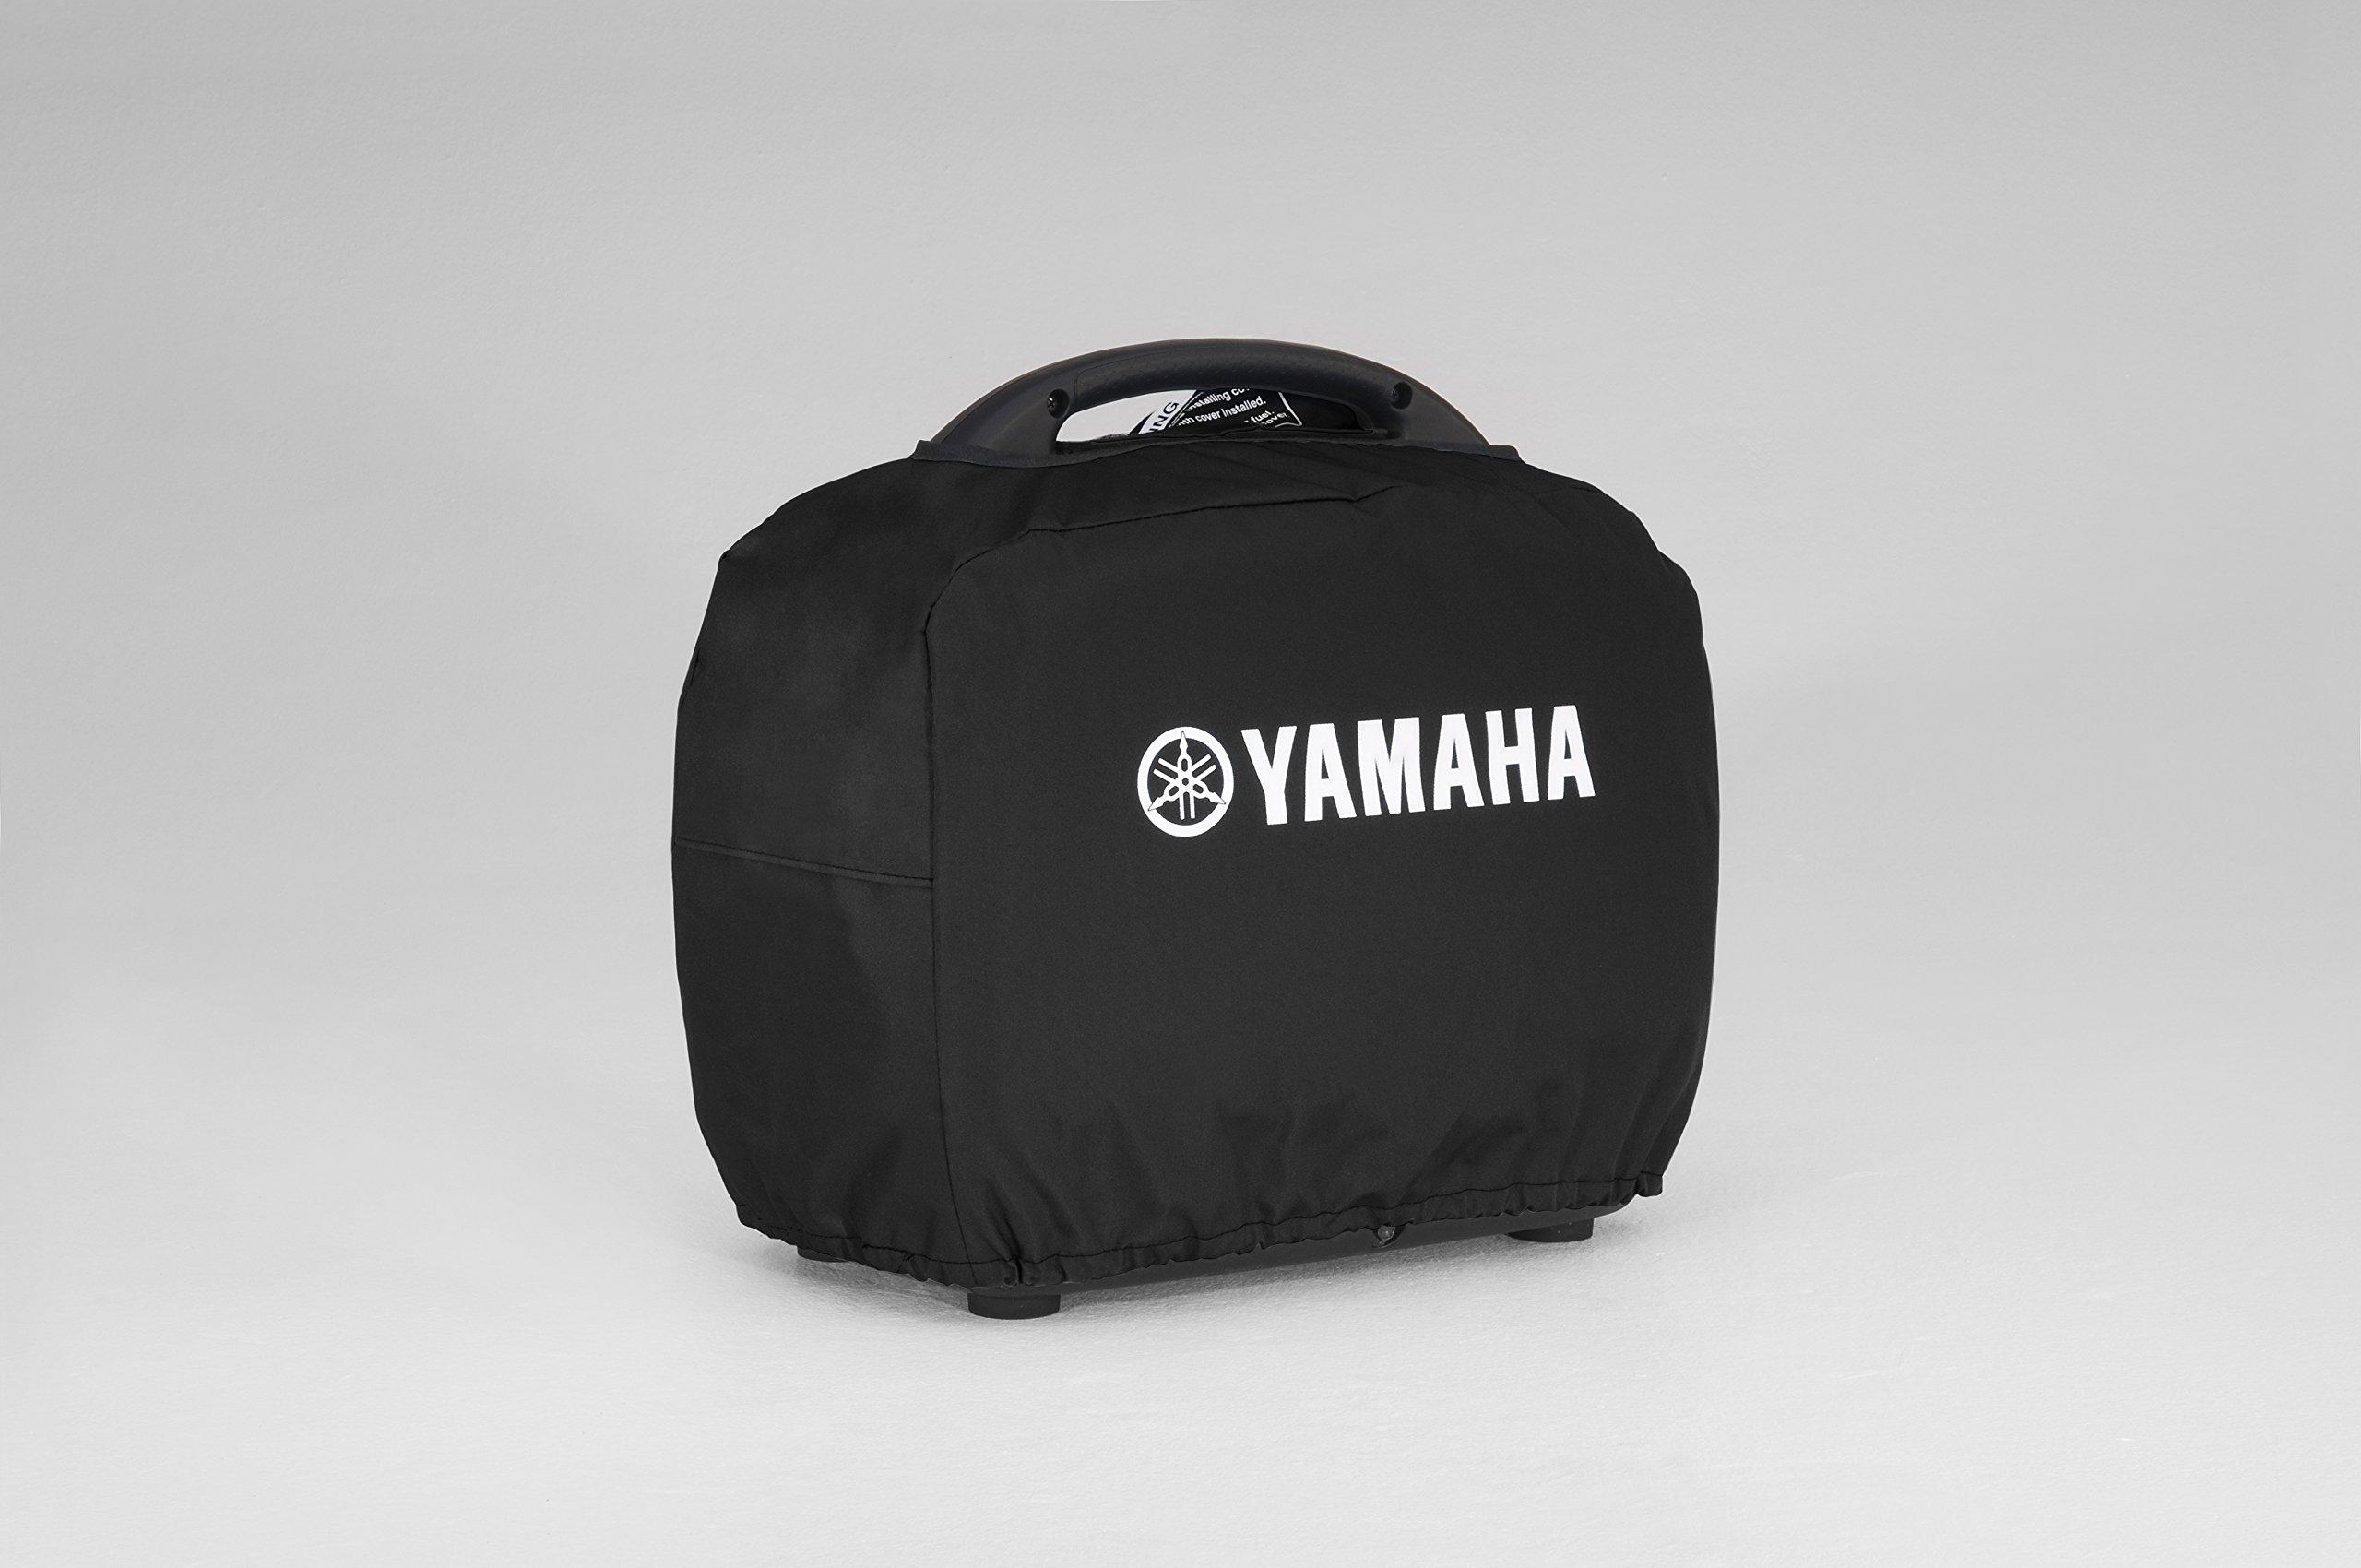 YAMAHA ACC-GNCVR-20-BK Generator Cover for Models EF2000iS, Black by YAMAHA (Image #3)